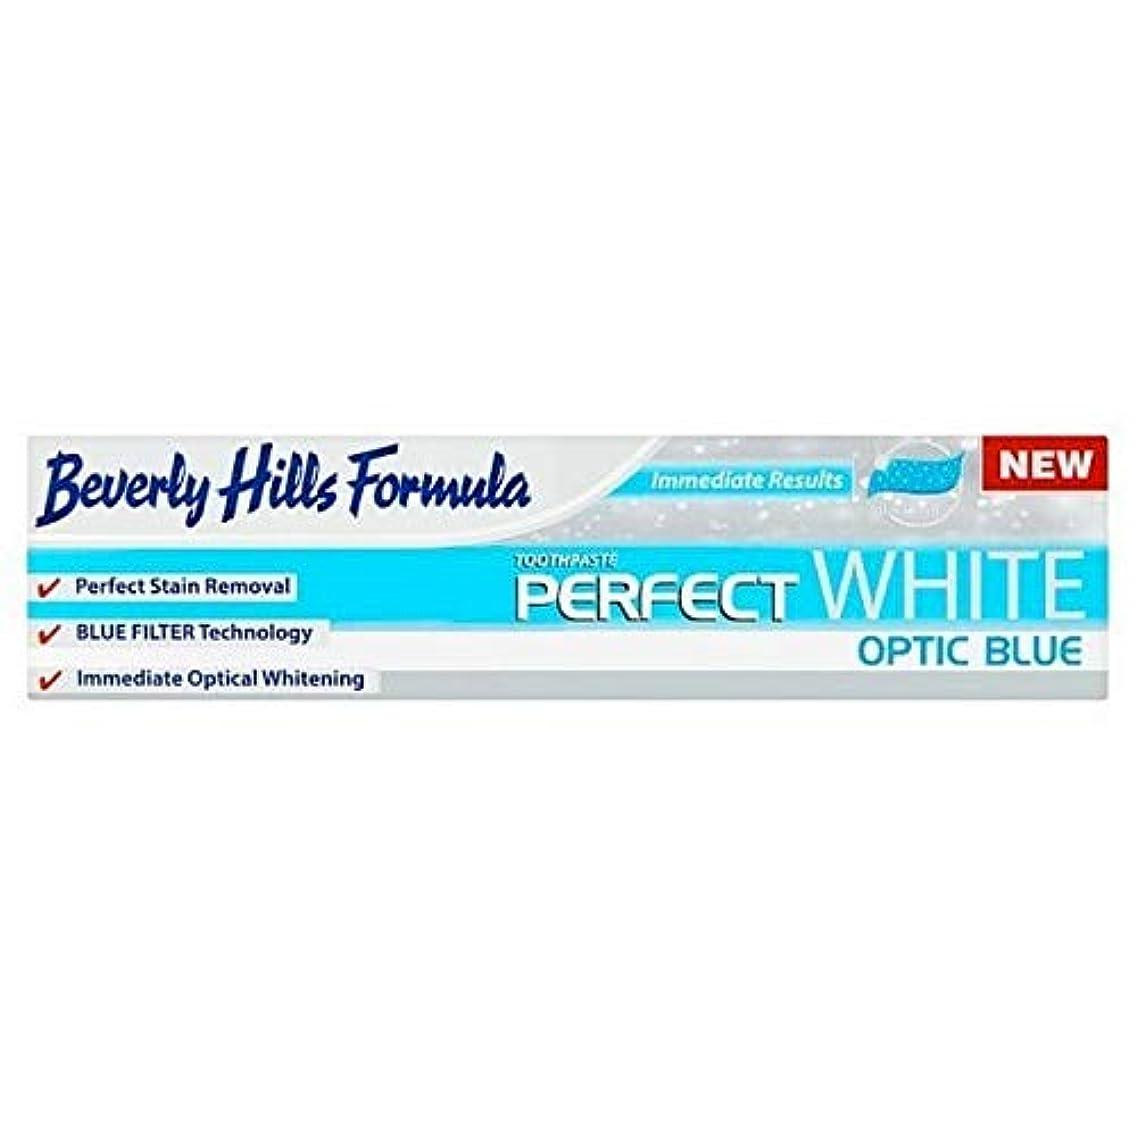 ヘクタールポーターバスルーム[Beverly Hills ] ビバリーヒルズ公式パーフェクトホワイト歯磨き粉の100ミリリットル - Beverly Hills Formula Perfect White toothpaste 100ml [並行輸入品]